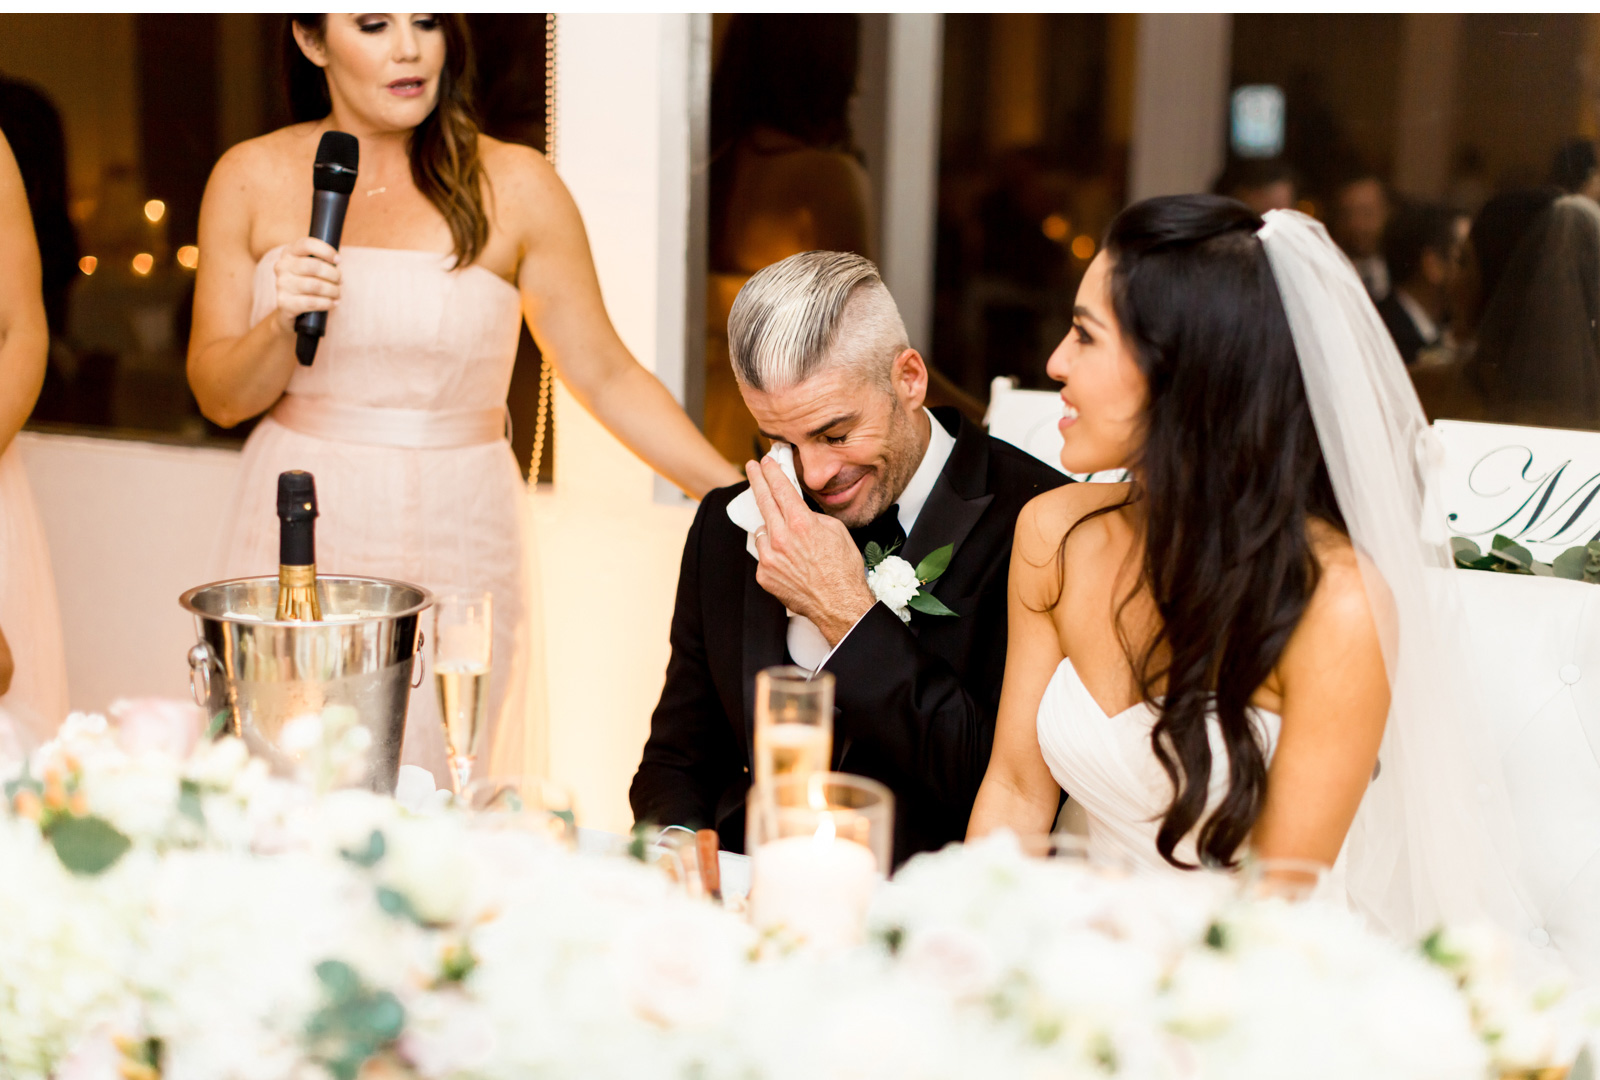 Sunset-Restaurant-Wedding-Natalie-Schutt-Photography_01_17.jpg